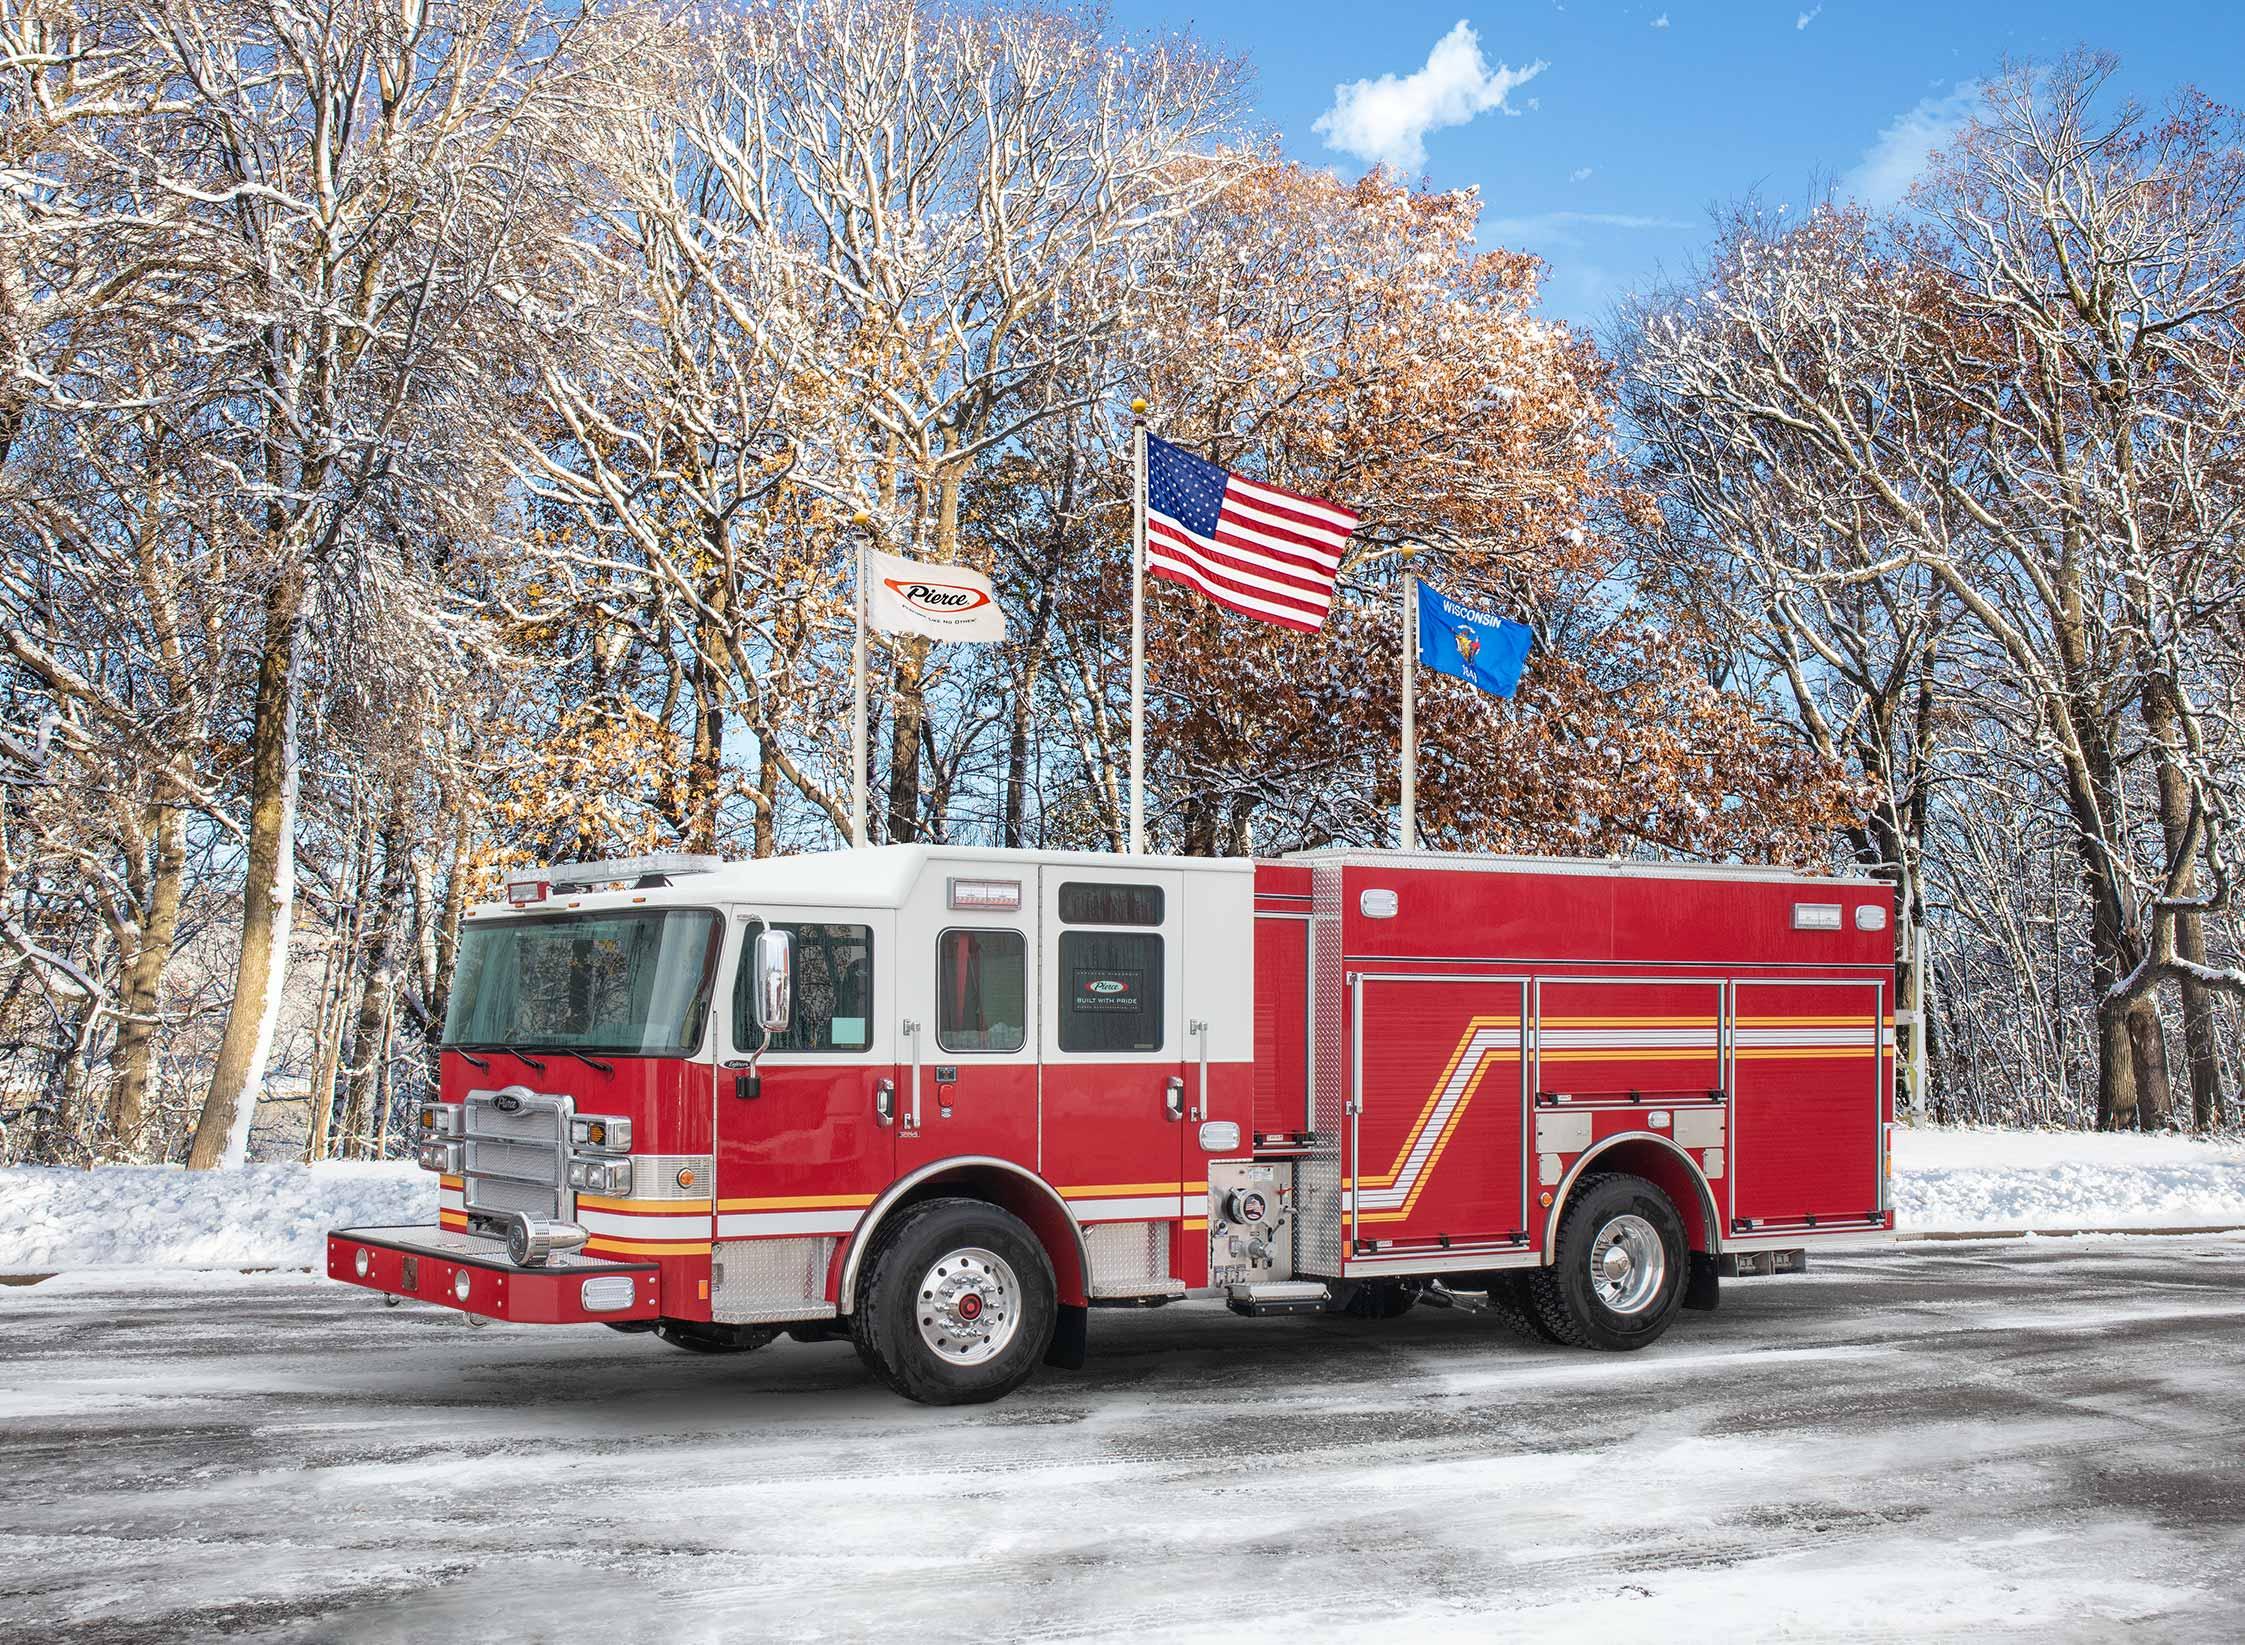 Weymouth Fire Department - Pumper